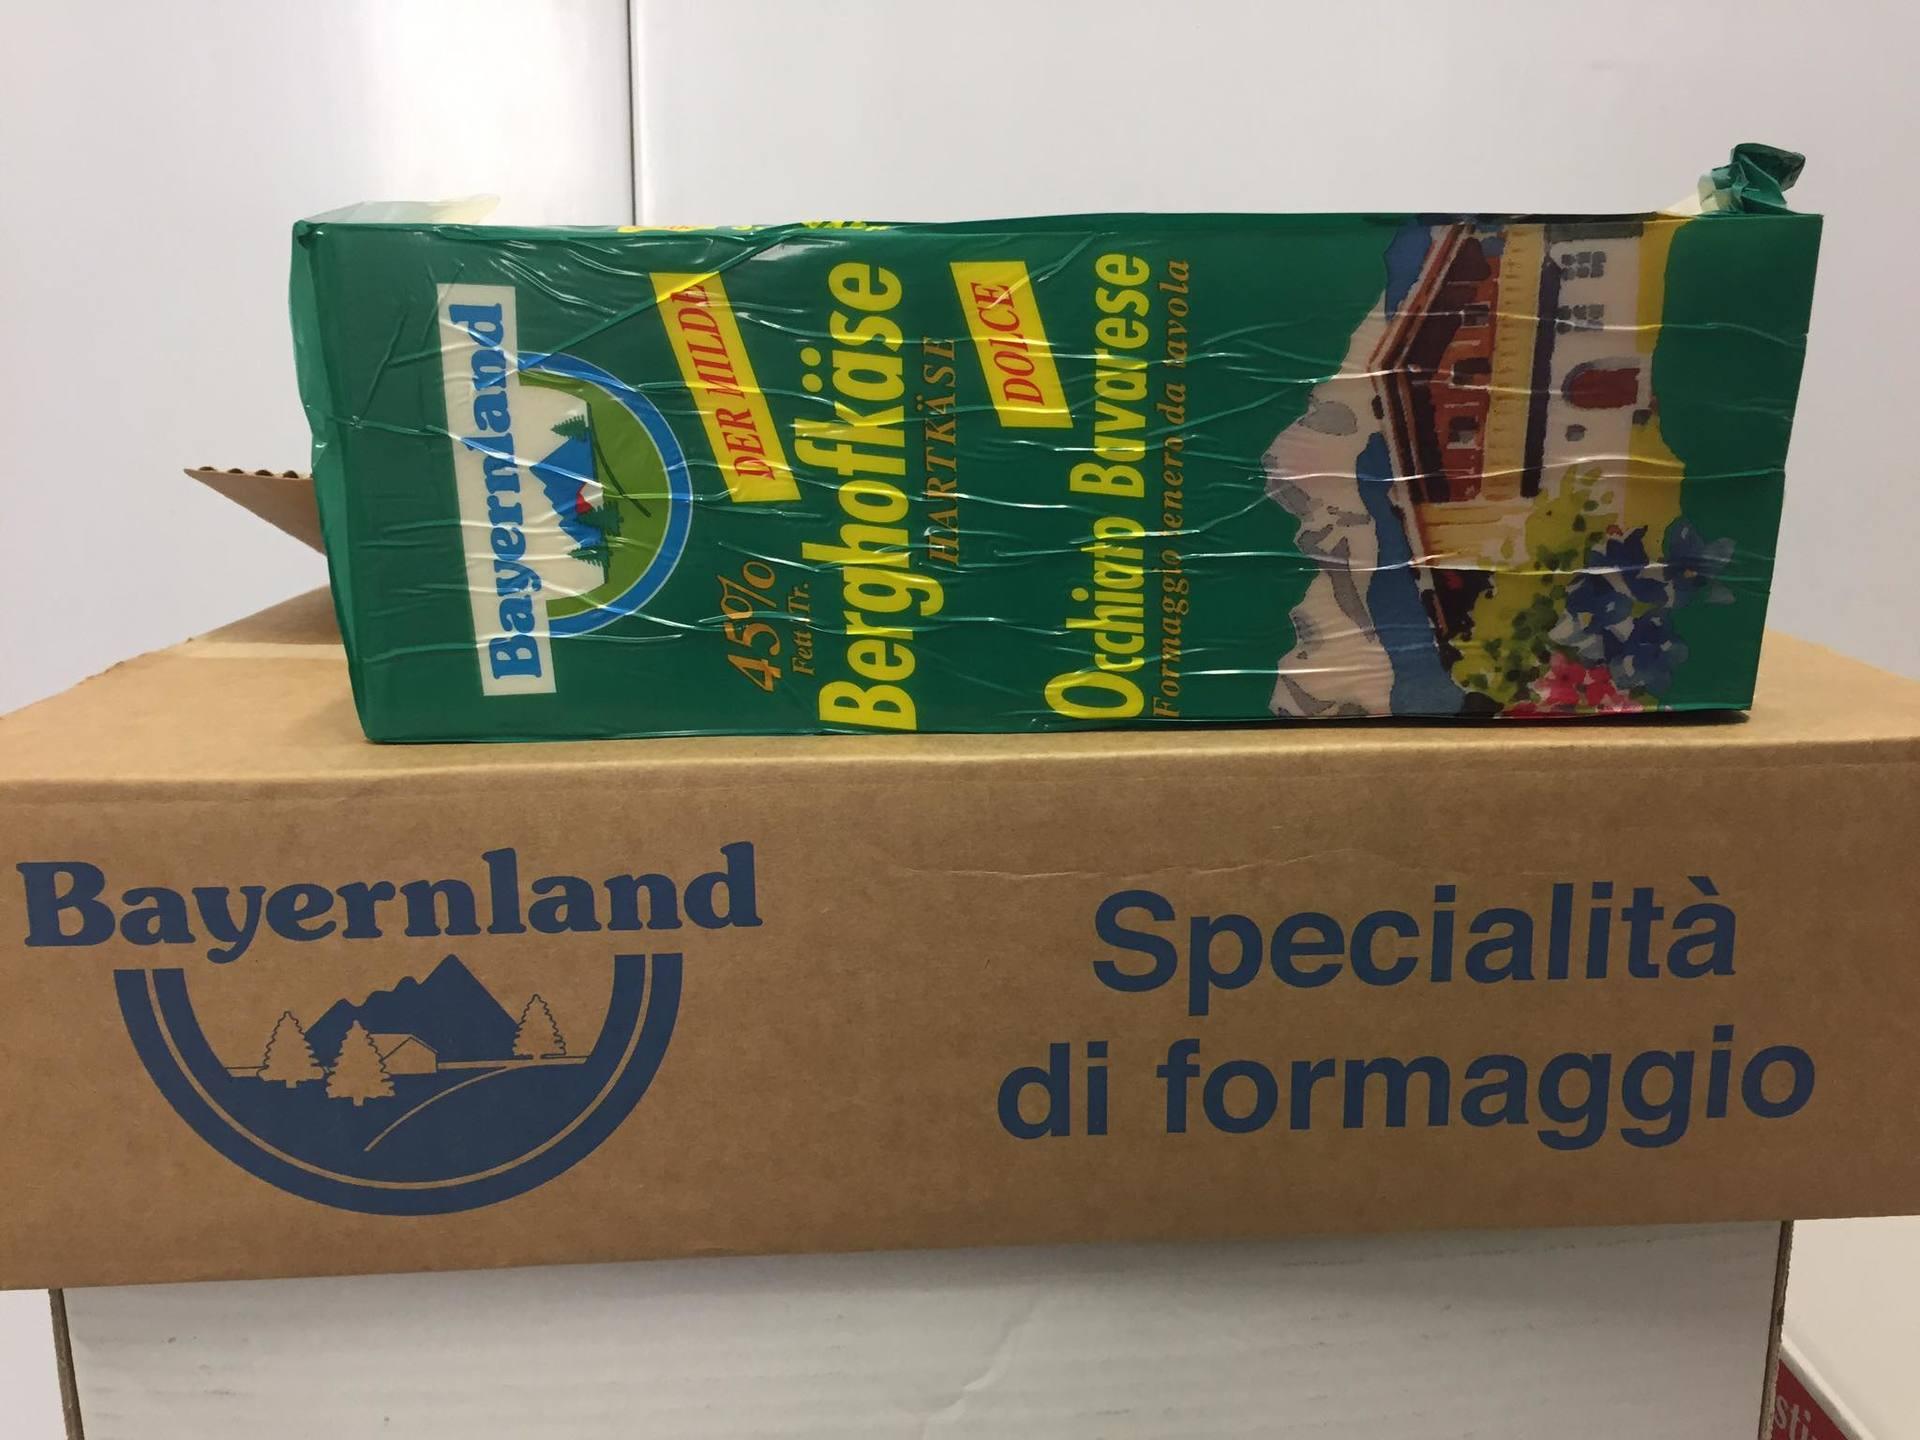 scatola di cartone con scritto specialità di formaggio